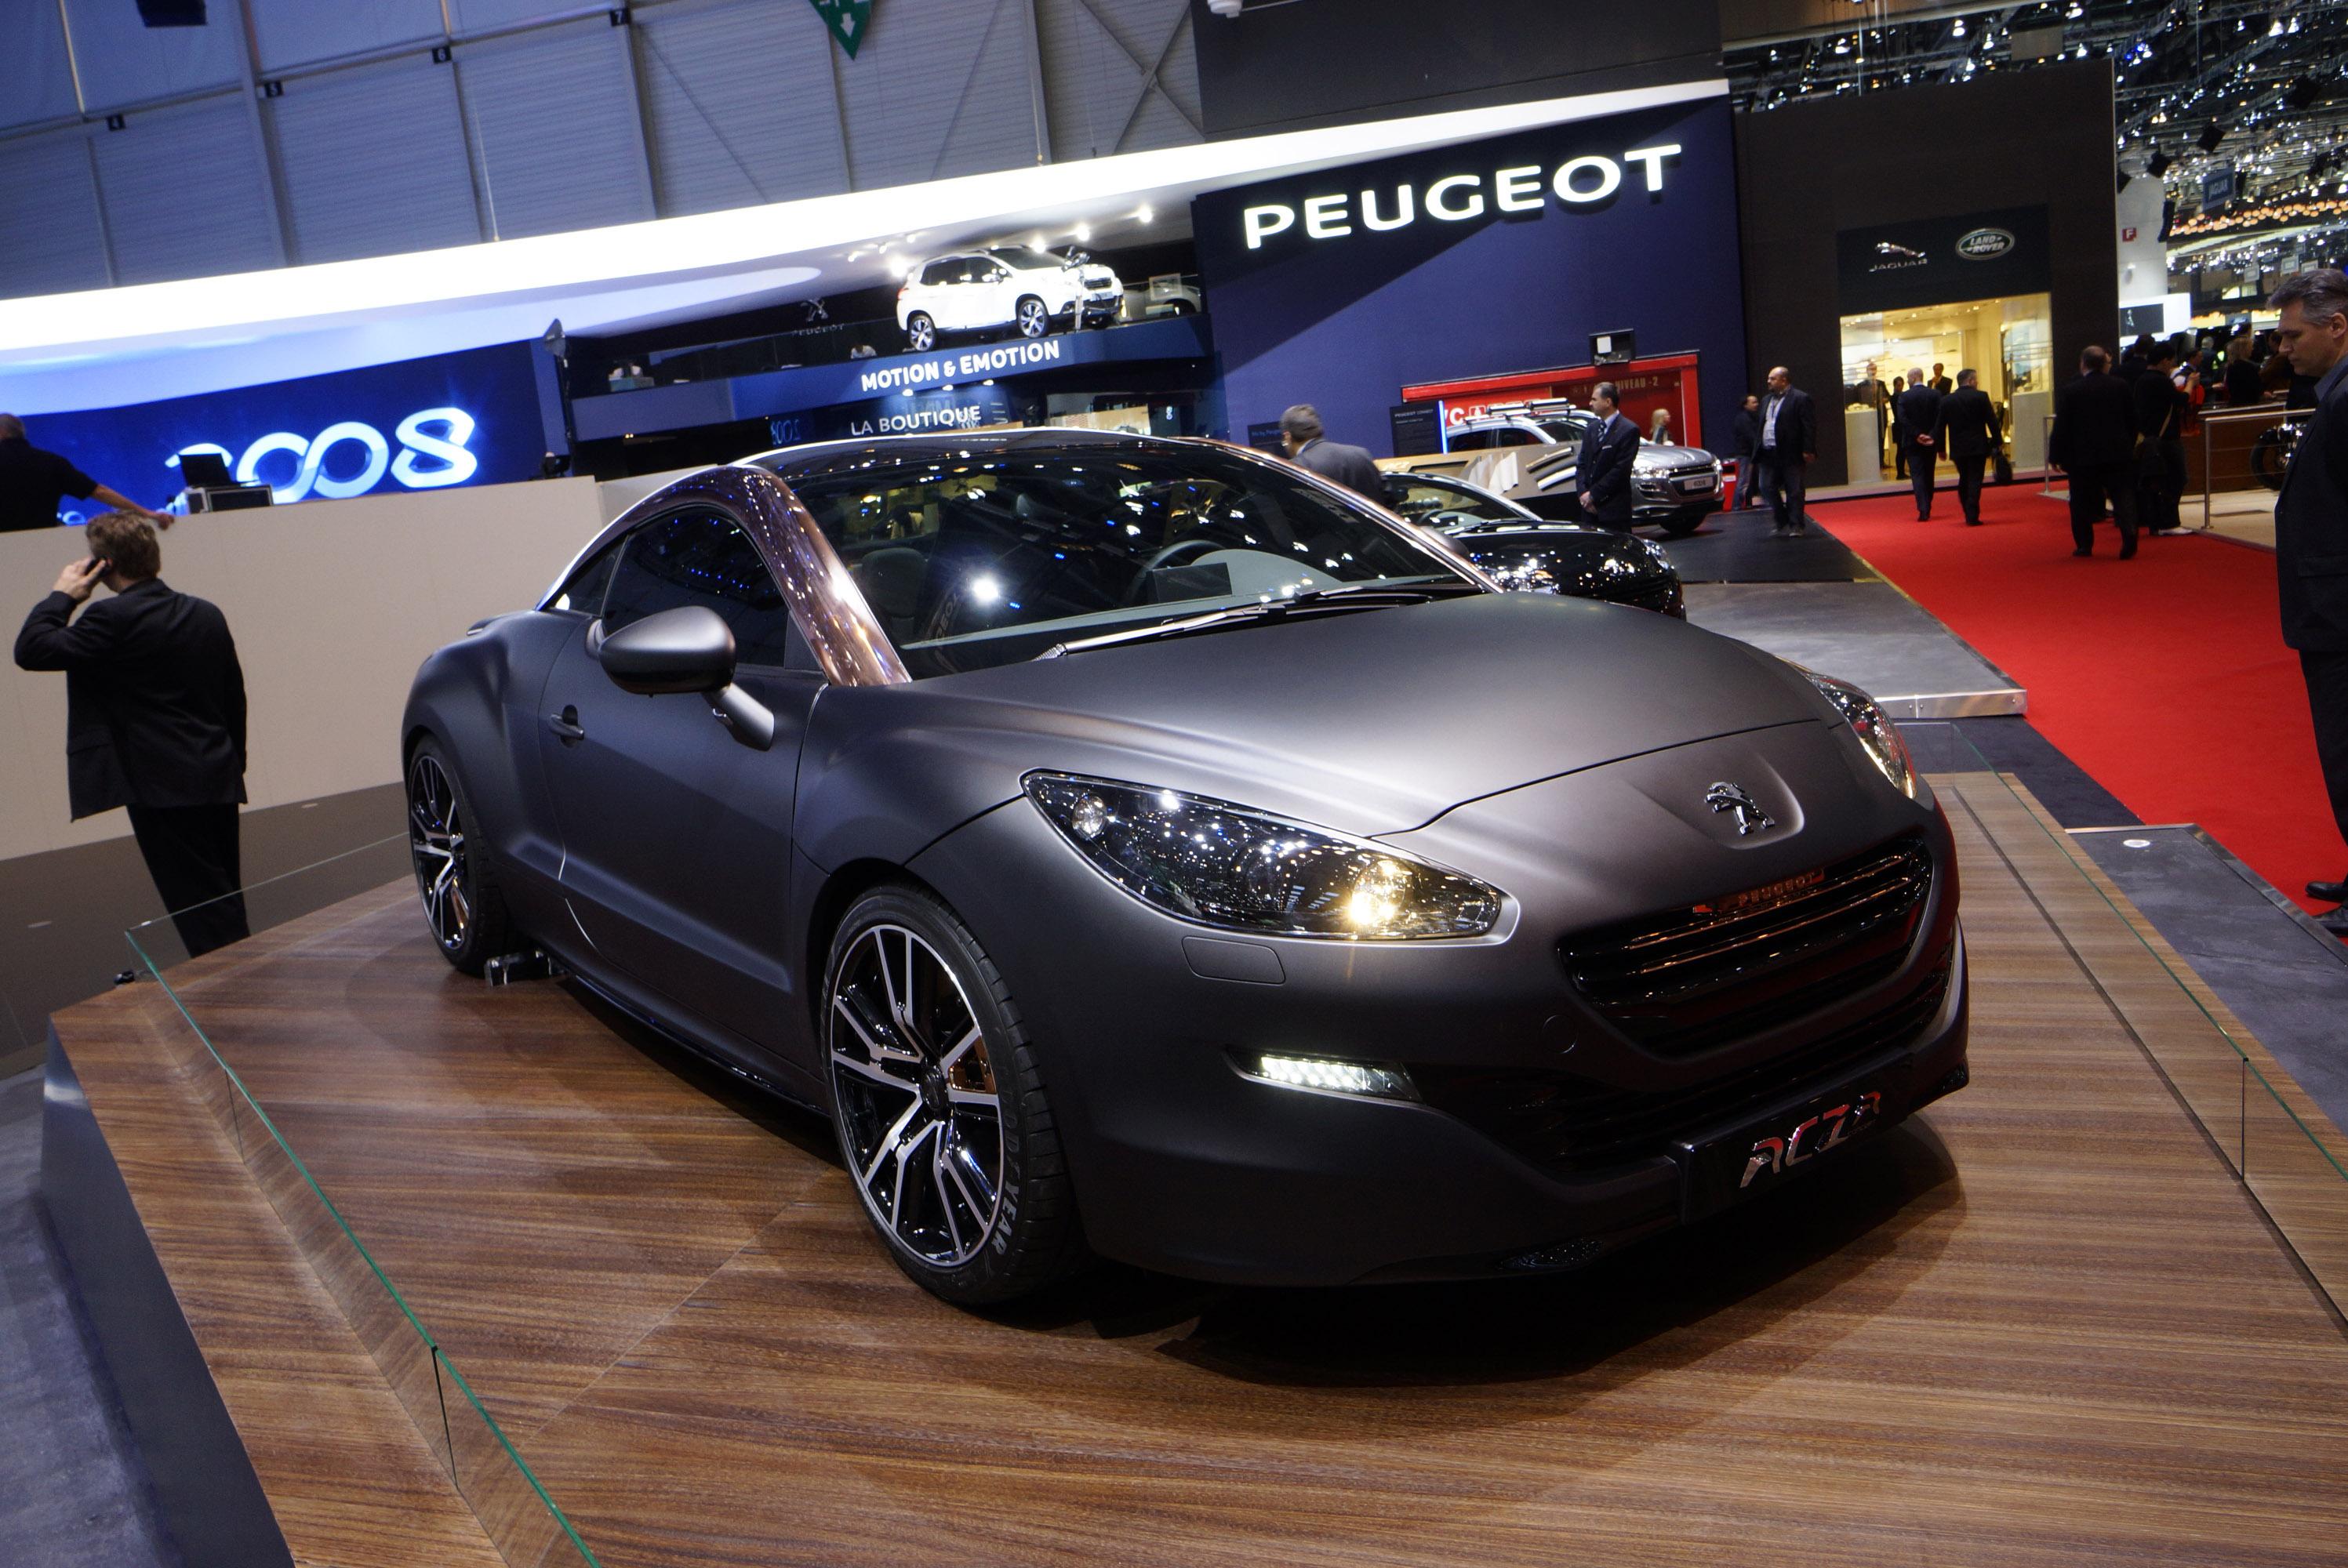 Peugeot RCZ R Concept Geneva 2013 - Picture 82524